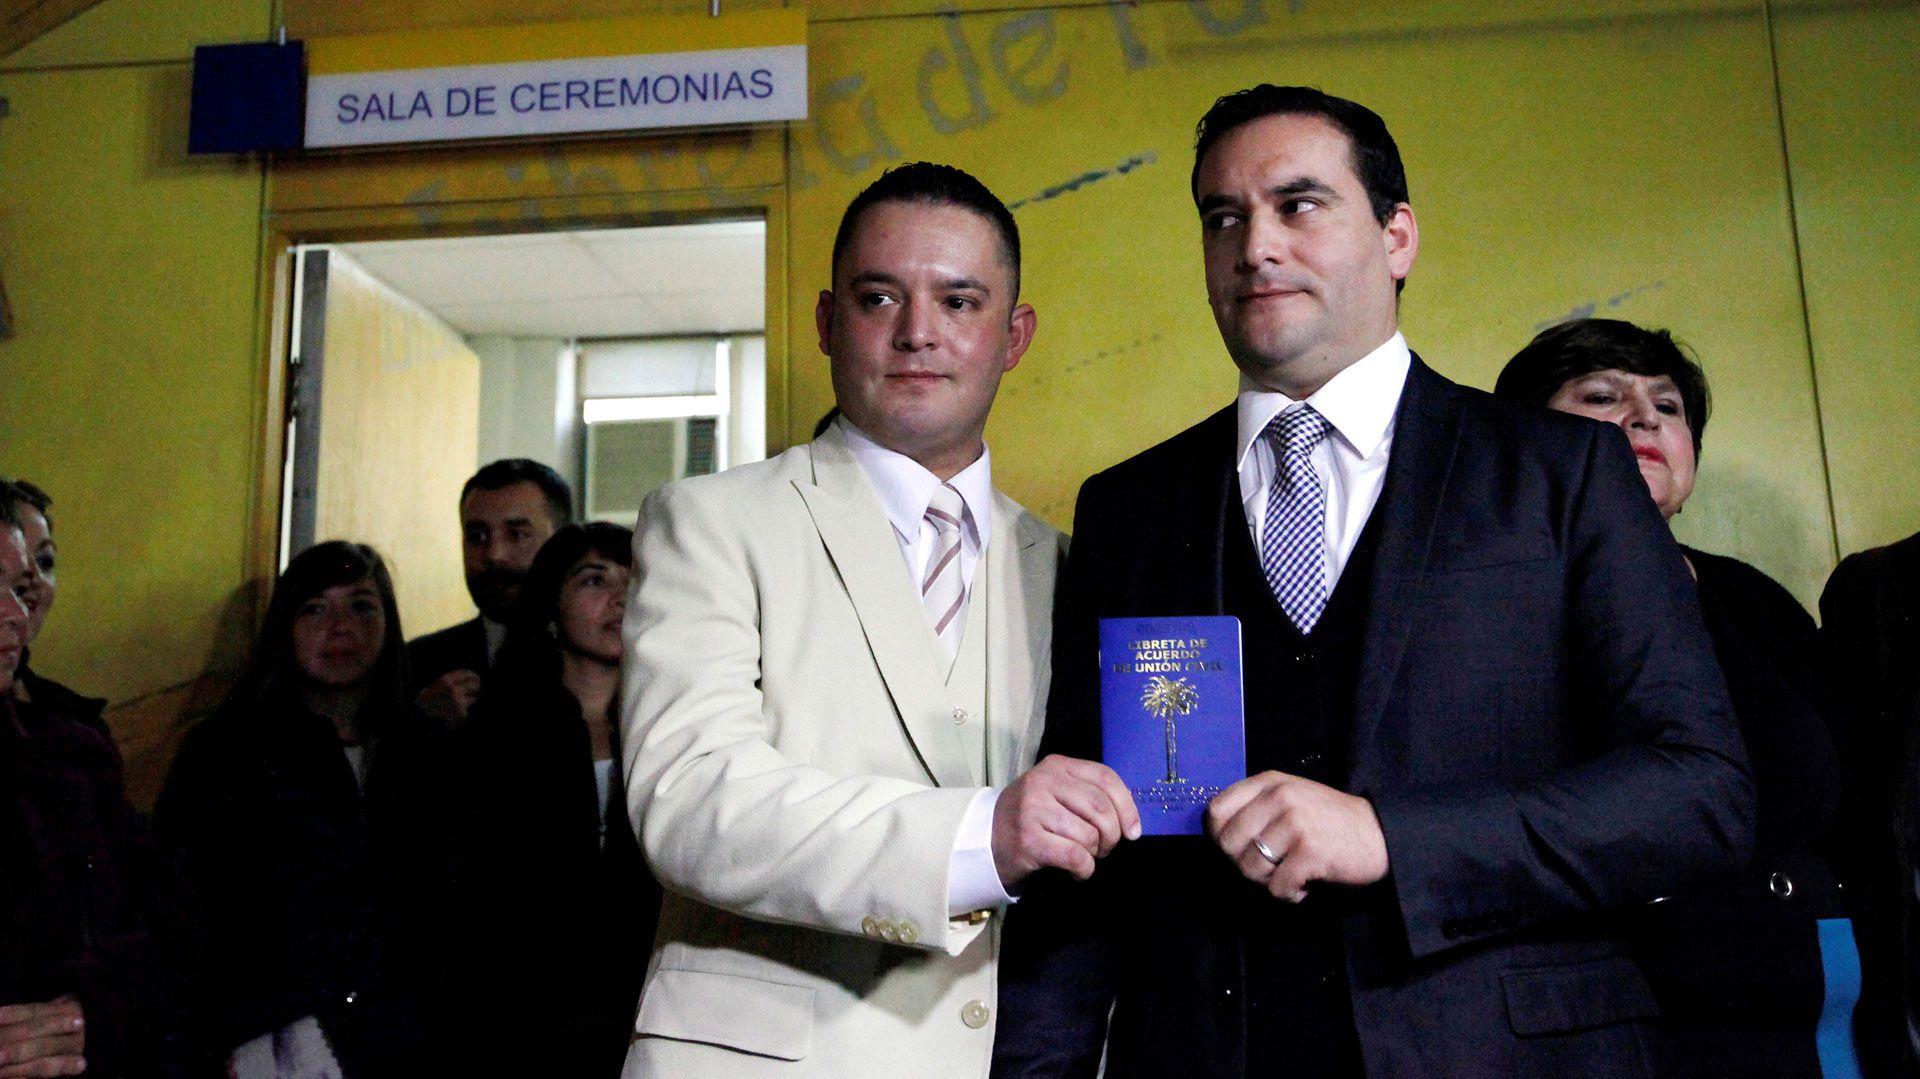 Una pareja después de celebrar la Unión Civil, en Chile (Foto: Reuters)